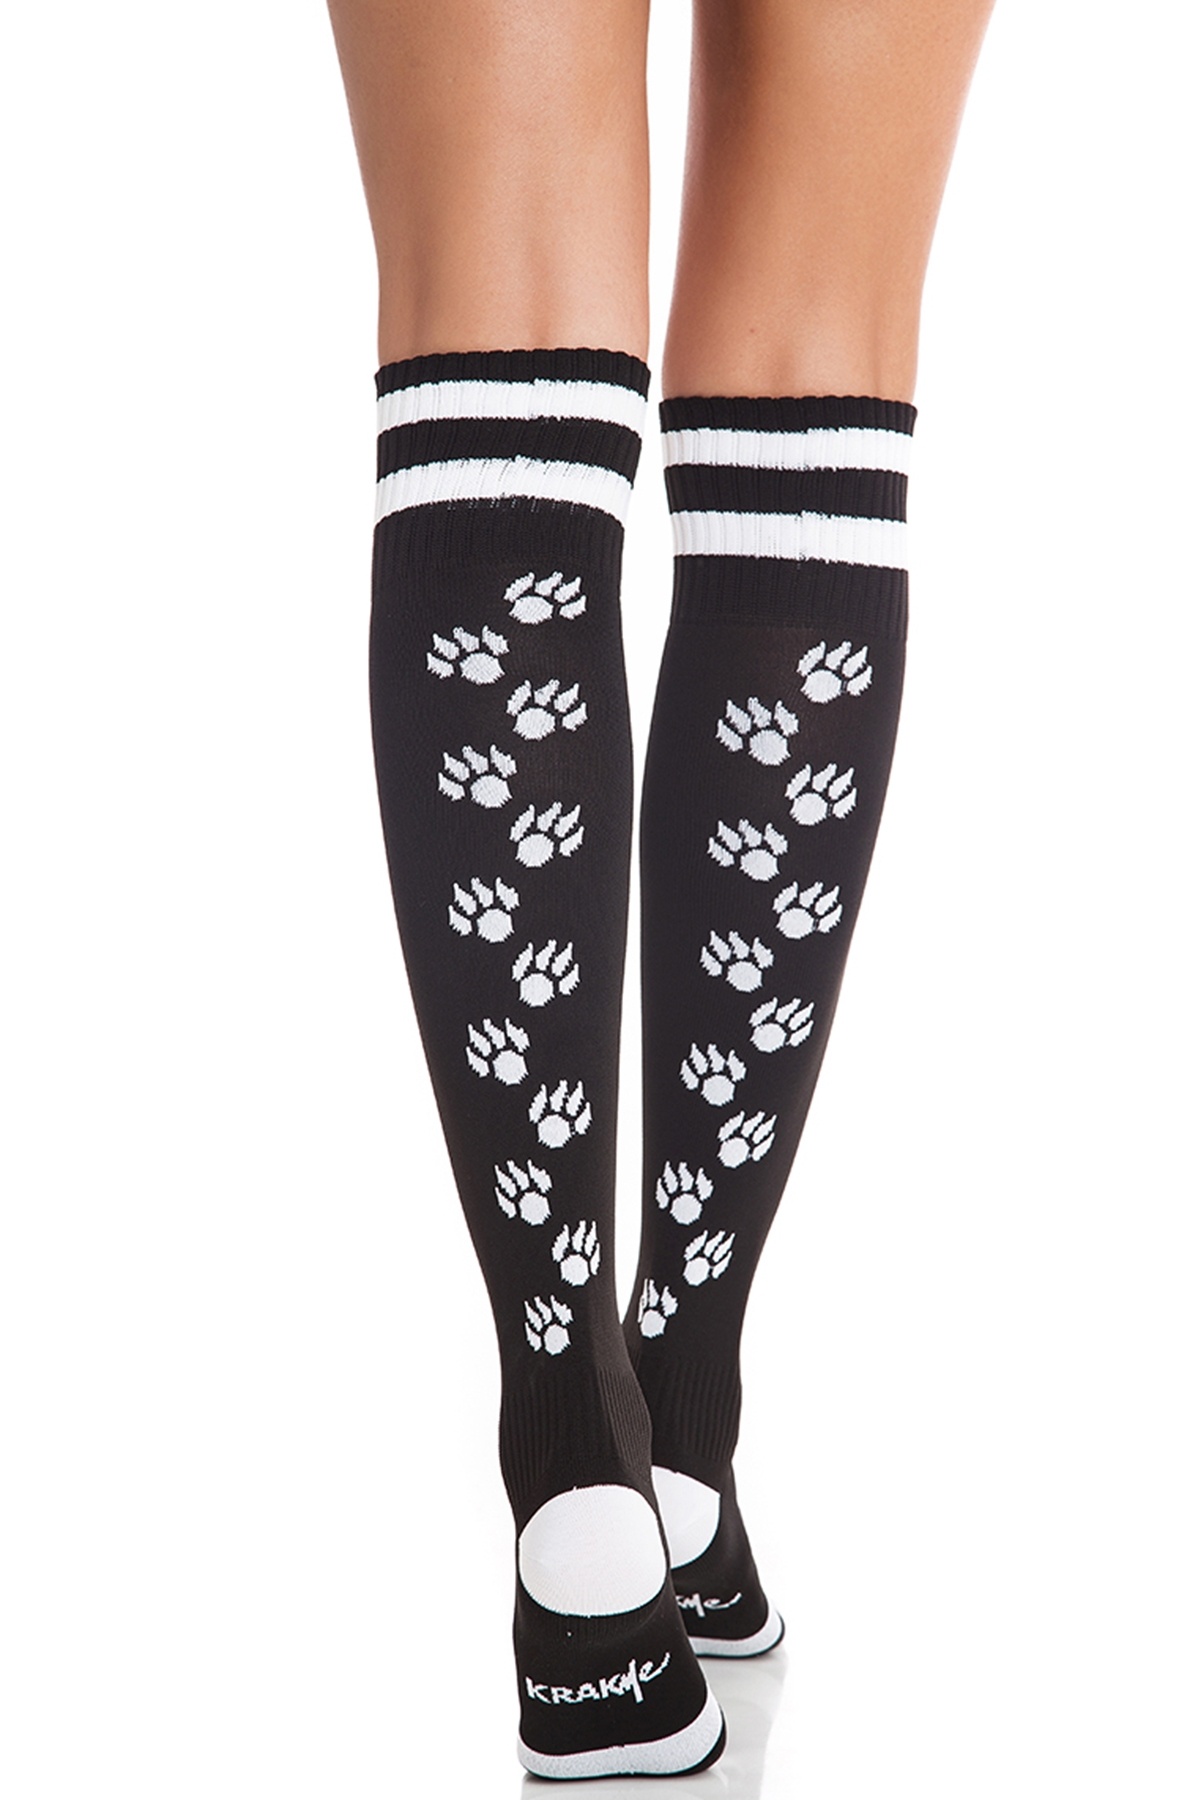 Дамски чорапи Kitty Woman / Krak me